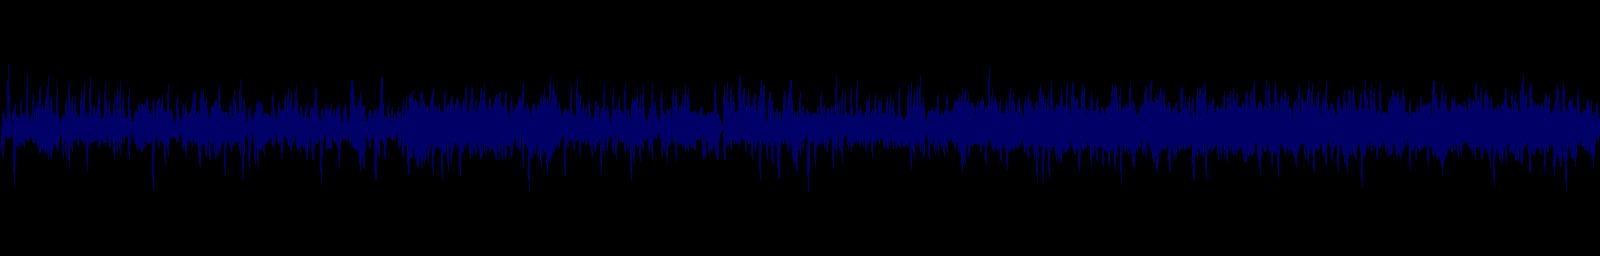 waveform of track #129267